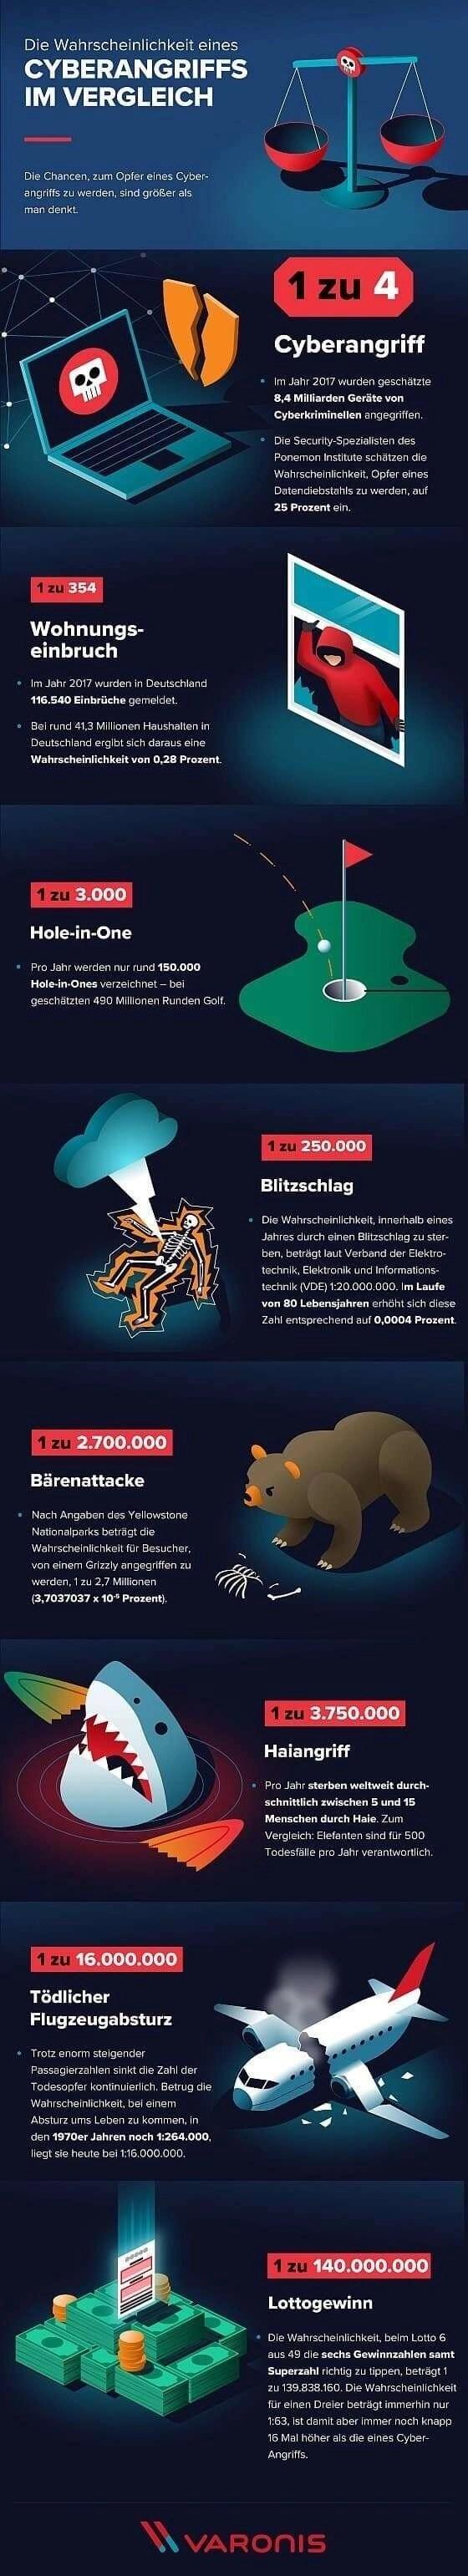 Die-Wahrscheinlichkeit-eines-Cyberangriffs-im-Vergleich-186x1024 Die Wahrscheinlichkeit eines Cyberangriffs im Vergleich